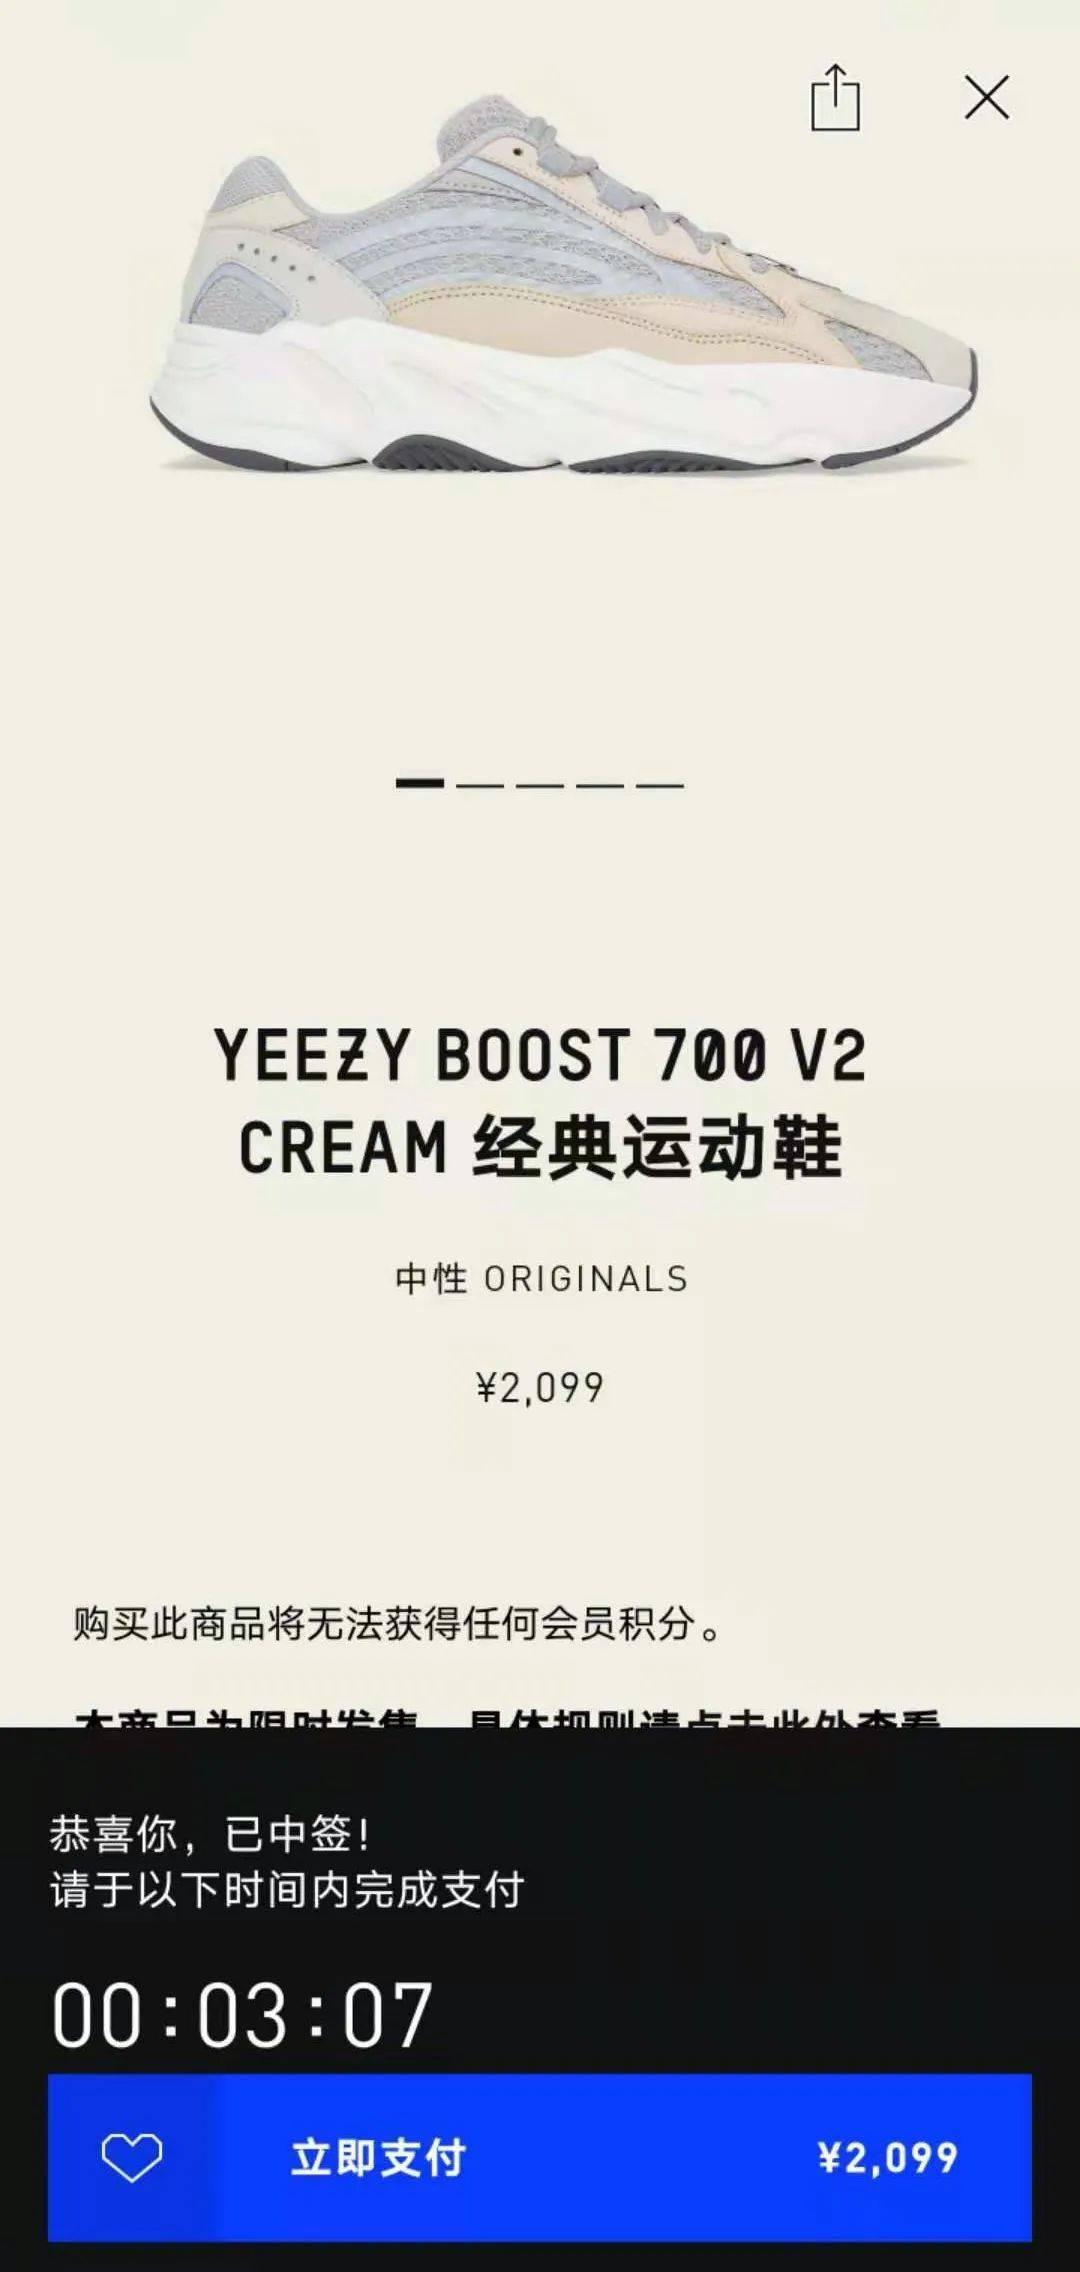 本周最火爆的新鞋!Yeezy 700 V2 的发售可谓「跌宕起伏」!